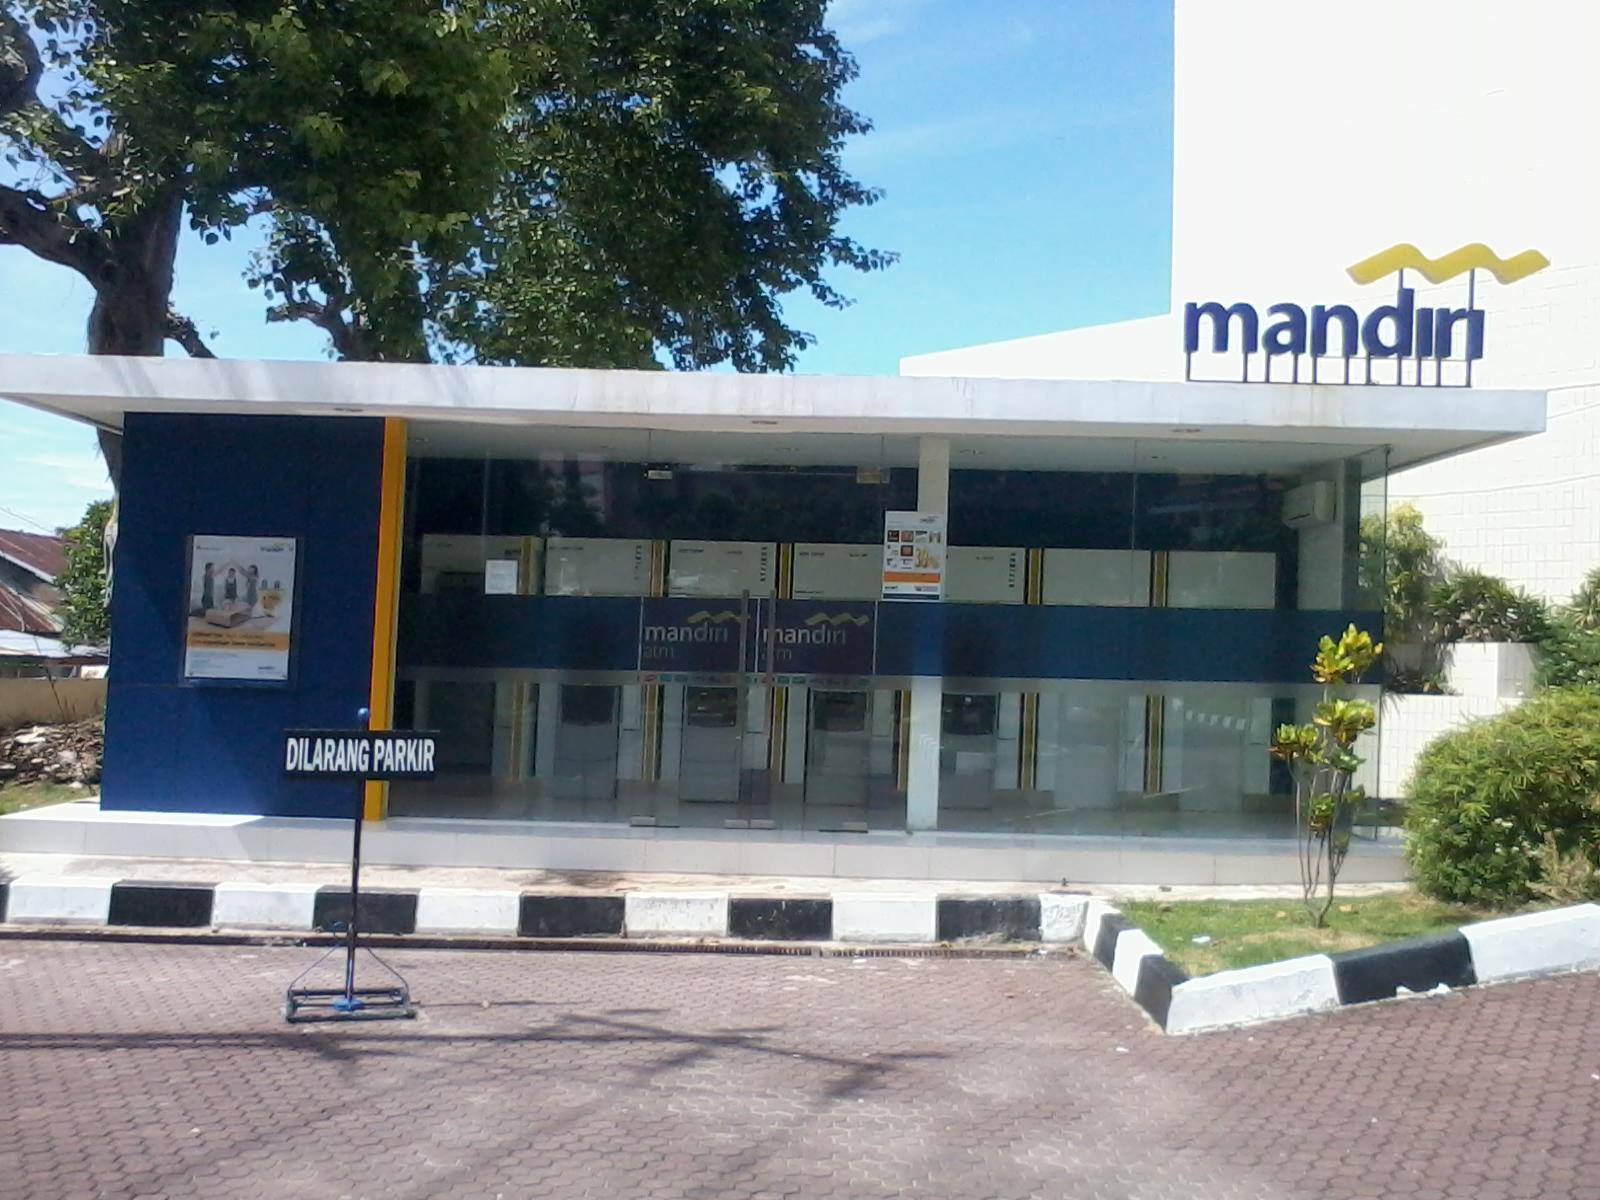 Loker Terbaru 2013 Semarang Loker Lowongan Kerja Terbaru September 2016 Lowongan Kerja Bank Mandiri Info Lowongan Kerja Terbaru Dari Bank